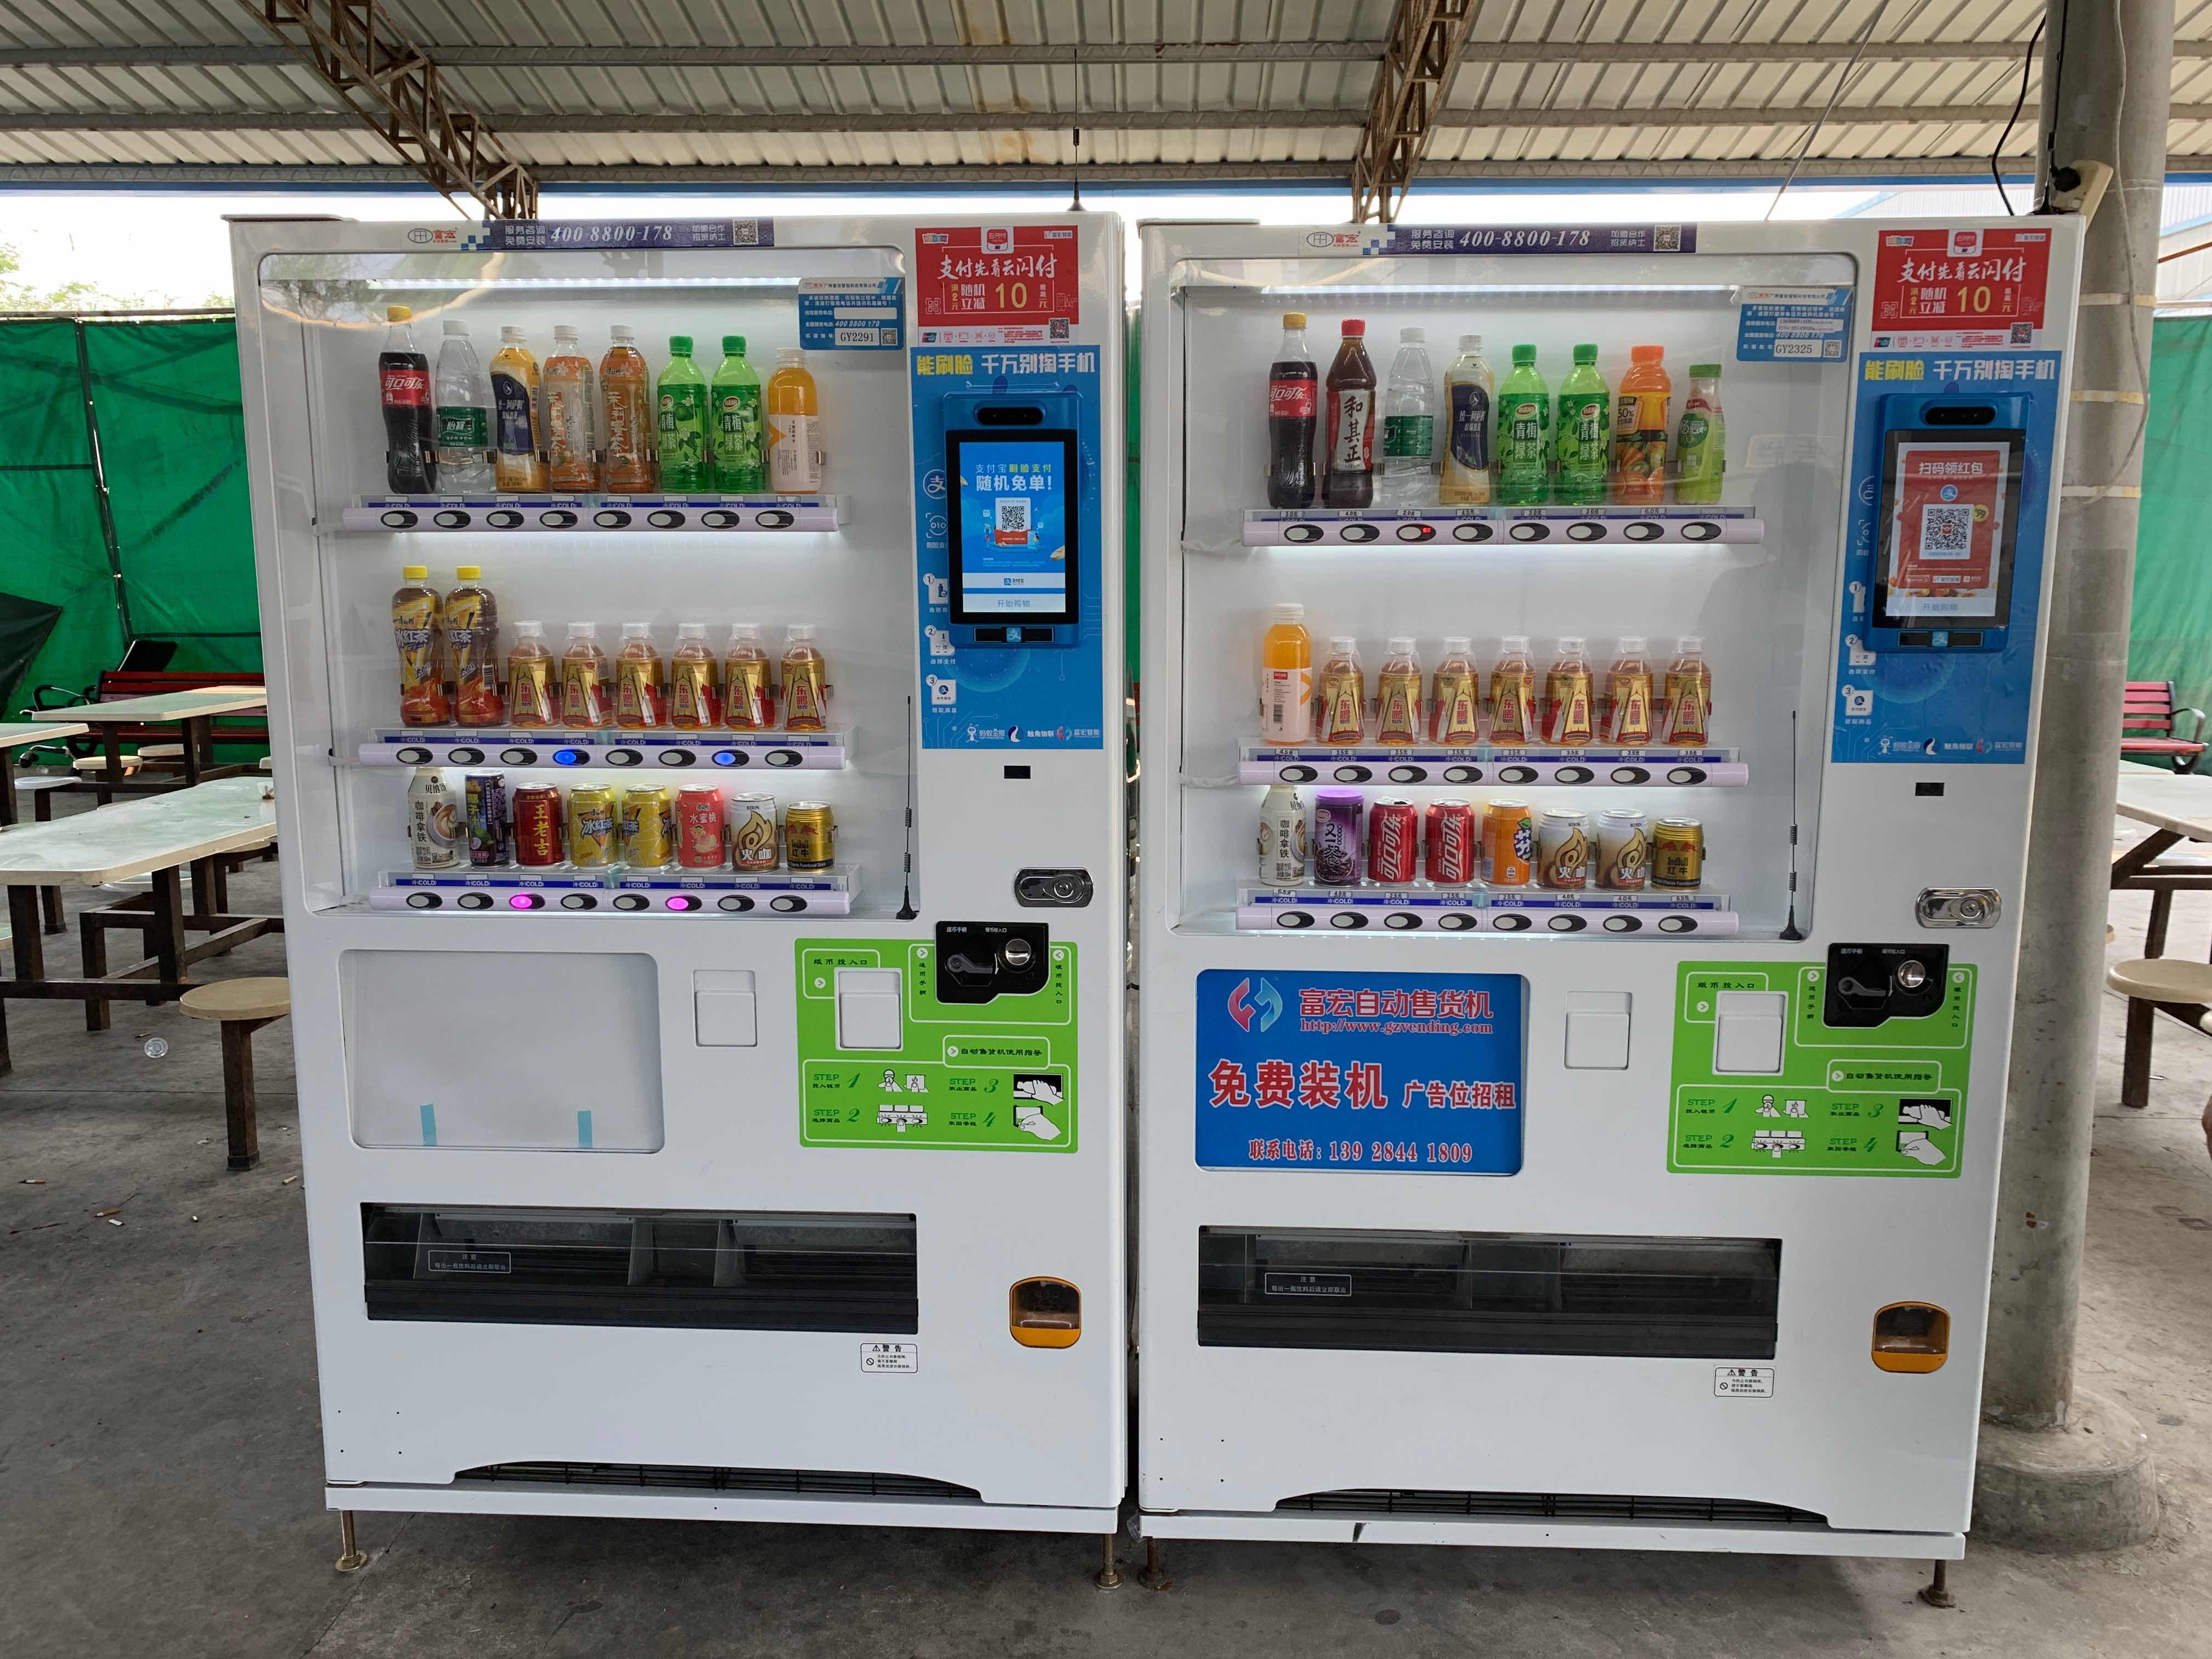 自动售货机,自助售卖机,智能售货机,无人售货机,无人贩卖机